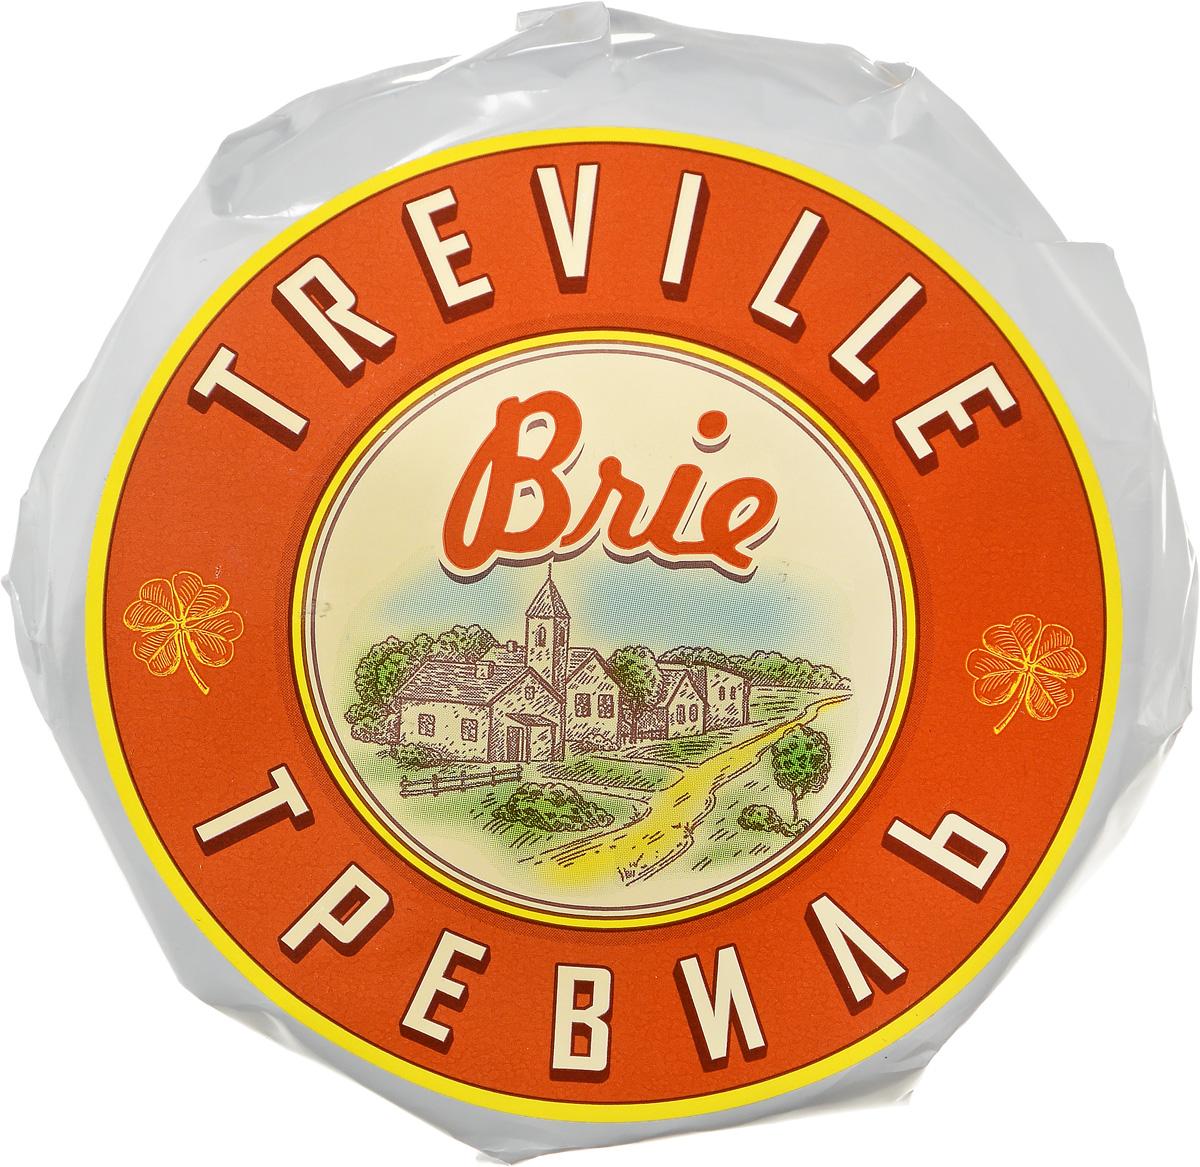 Тревиль Сыр Бри с белой плесенью, 120 г alti сыр бри 60% 125 г